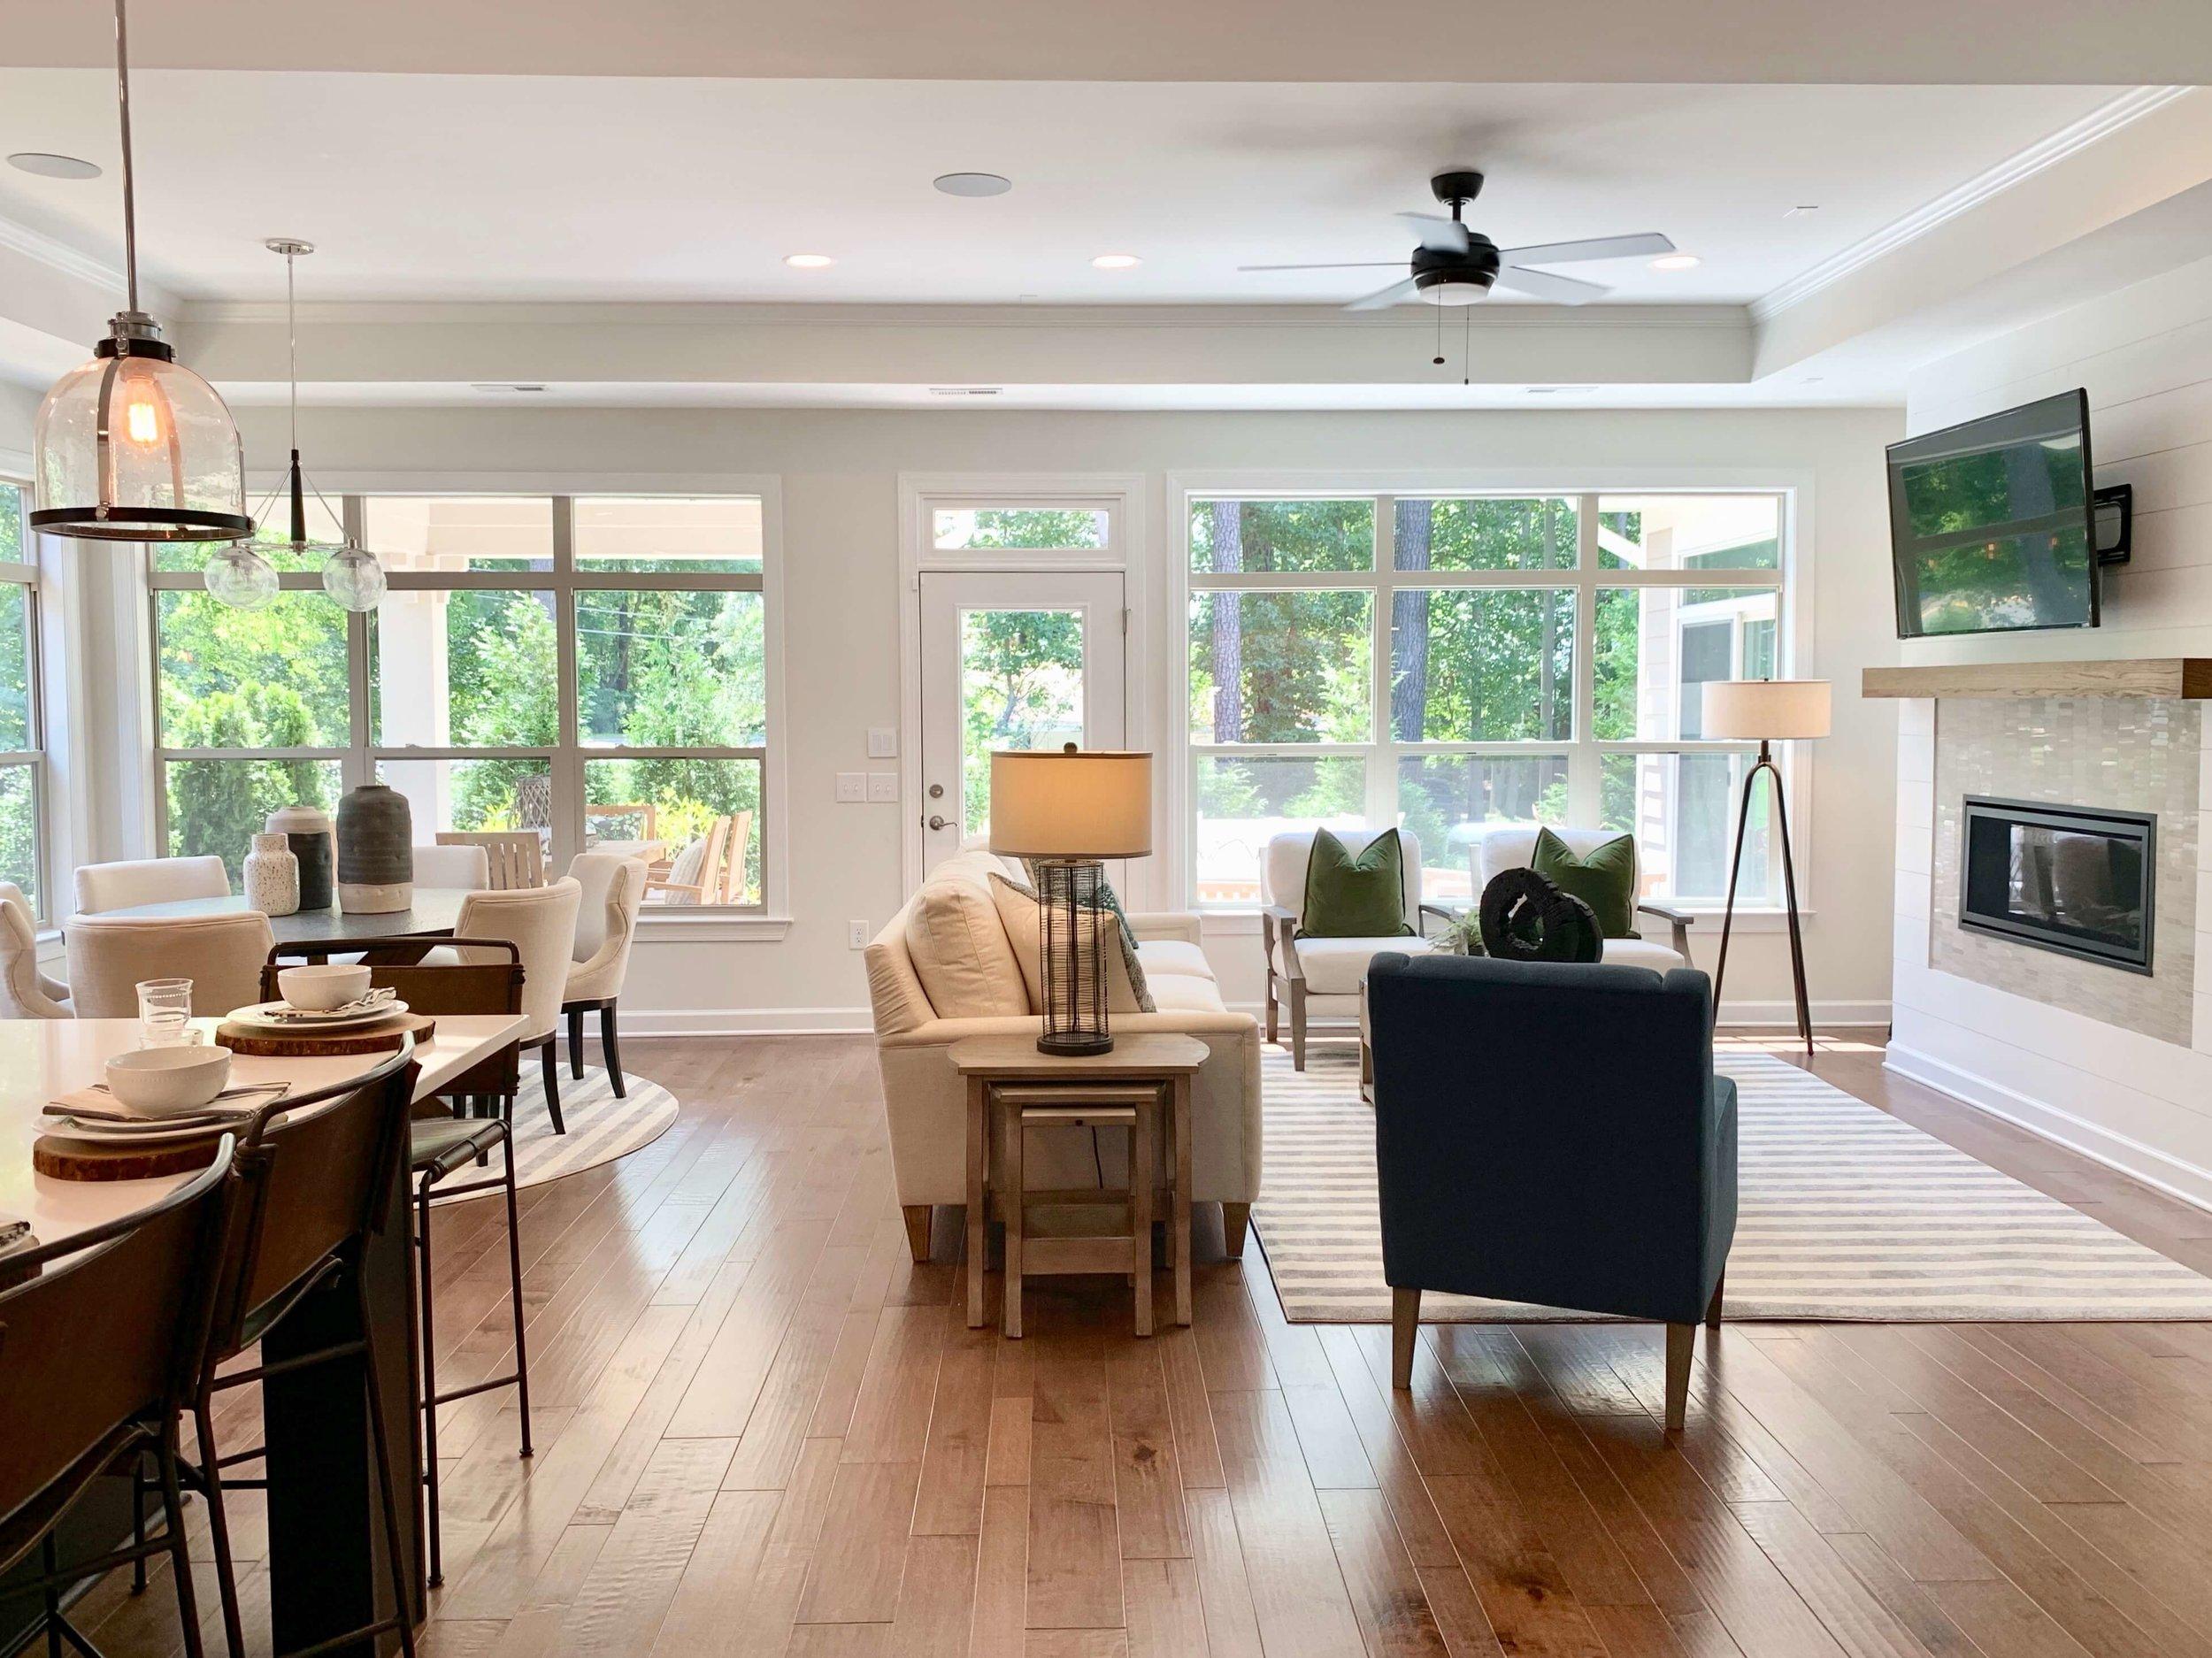 model_home_open_floorplan_ideas.jpeg